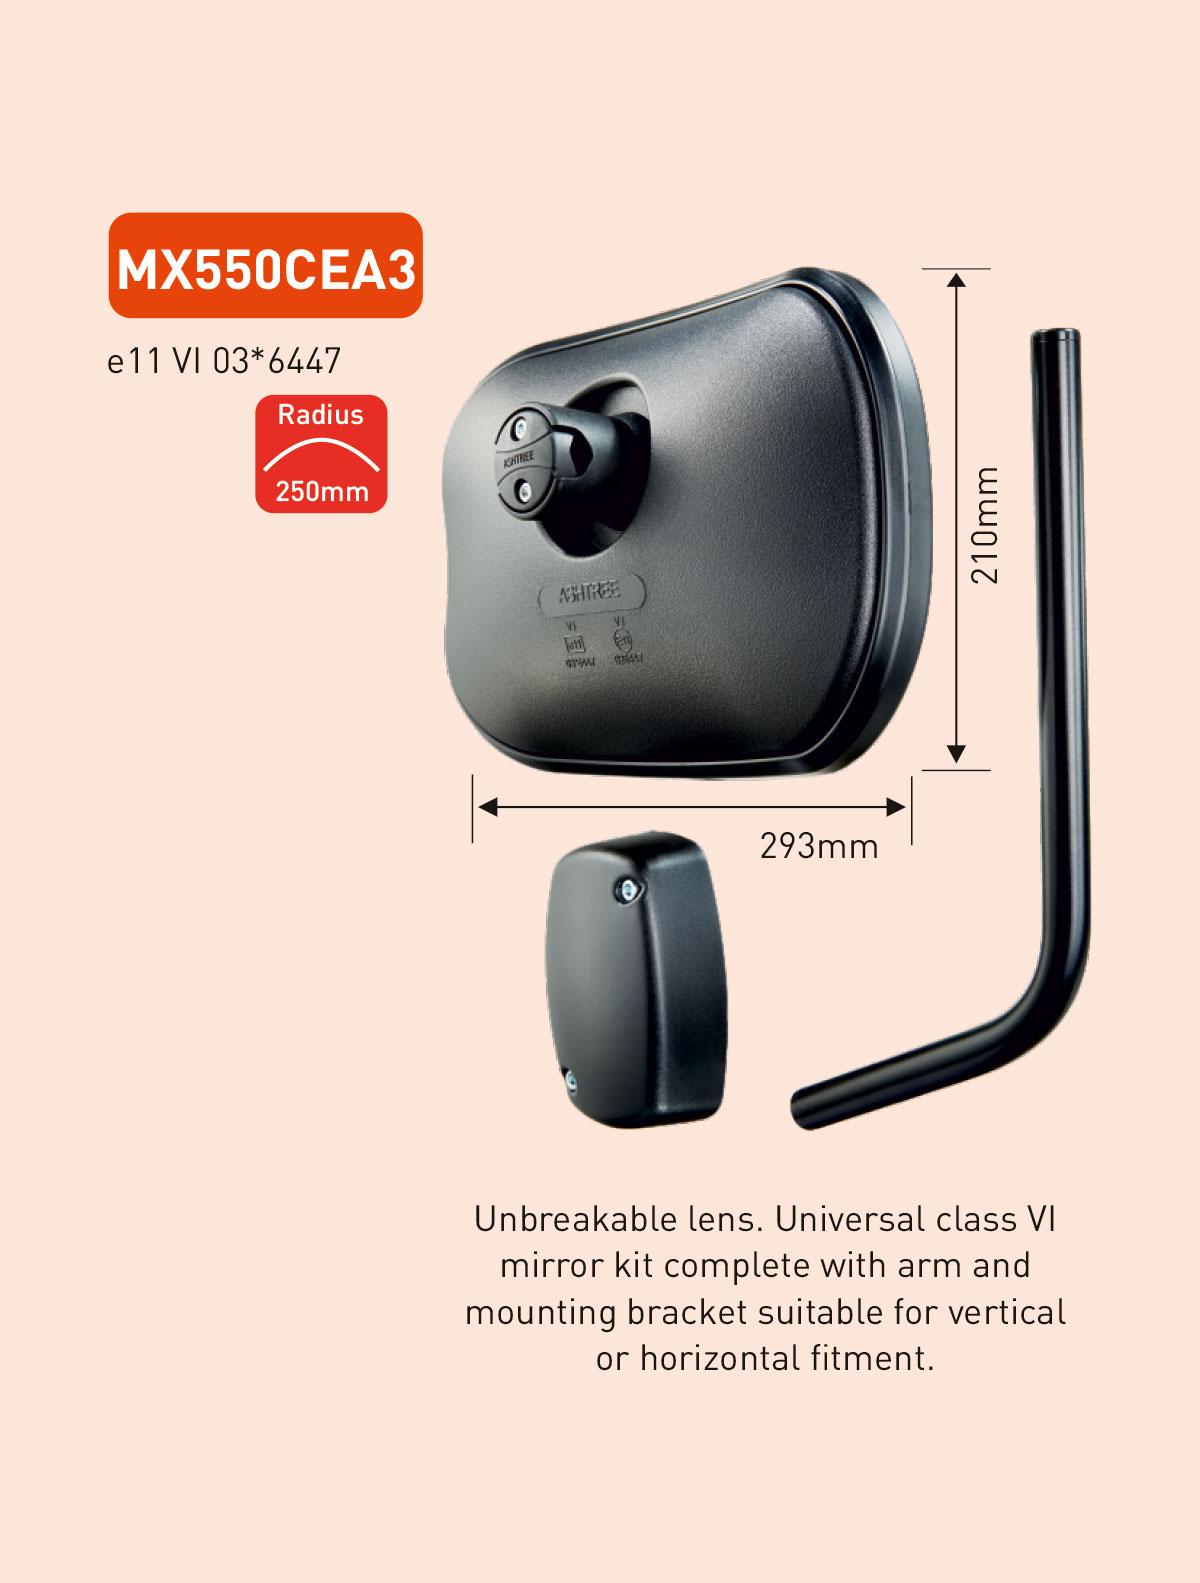 MX550CEA3